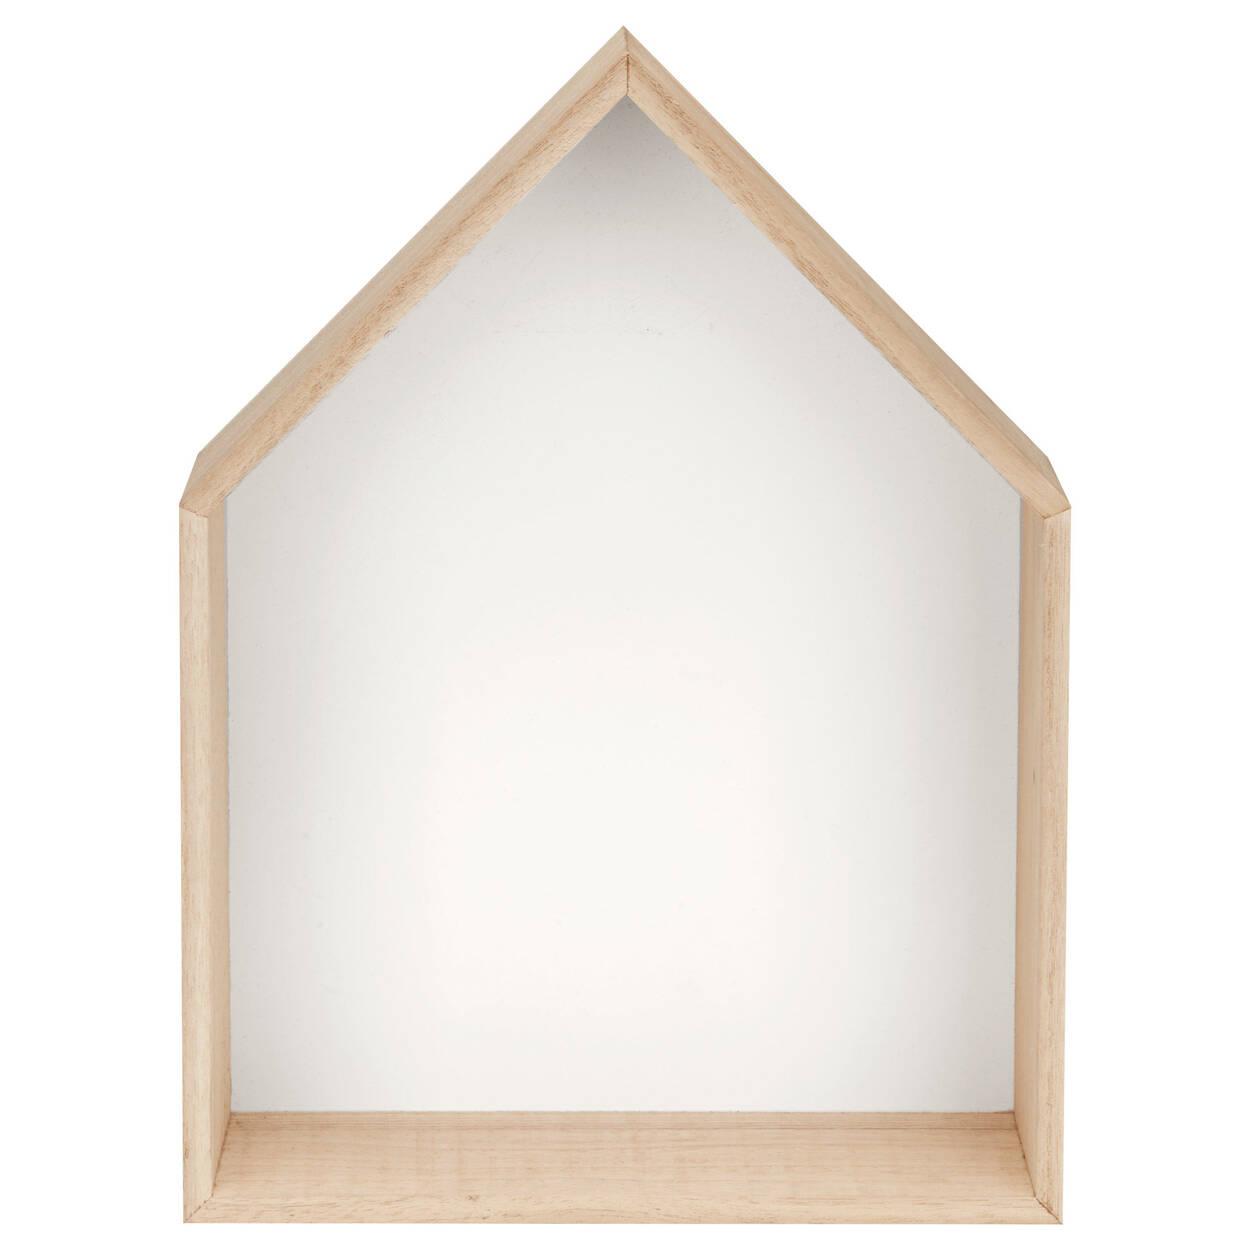 Set of 2 House Shelves